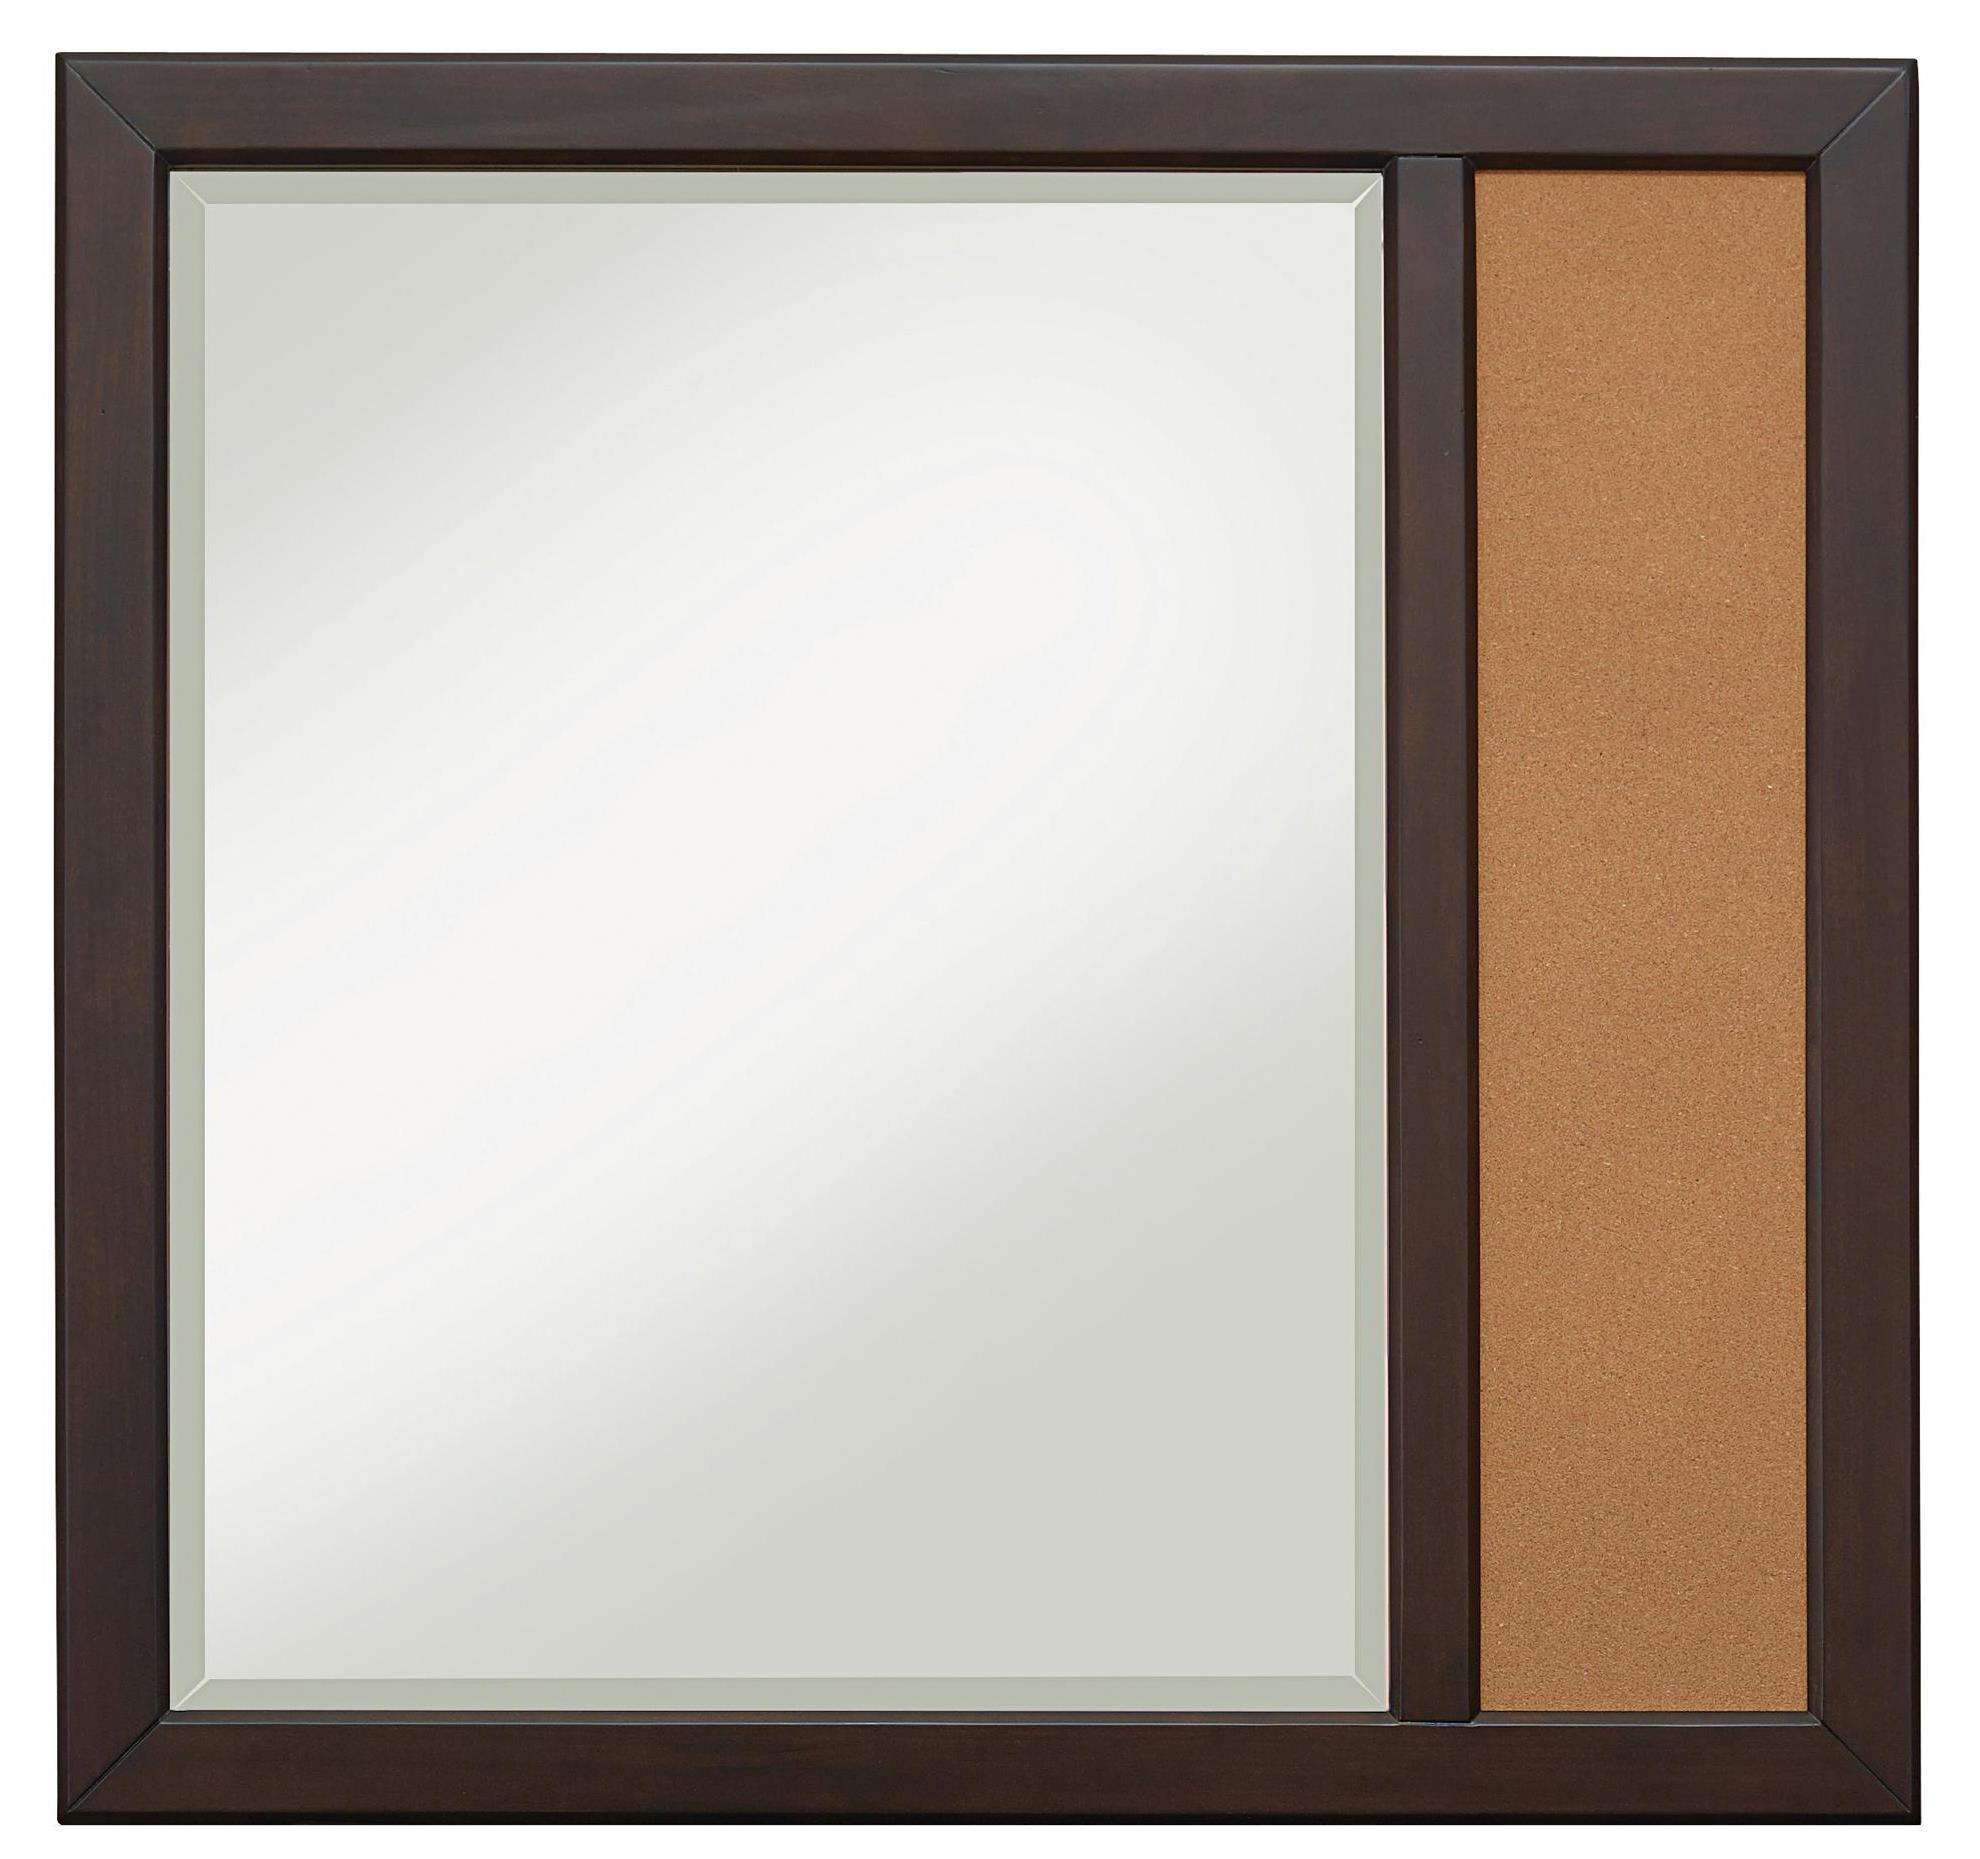 Kidz Gear Mason Landscape Mirror - Item Number: 8872-430